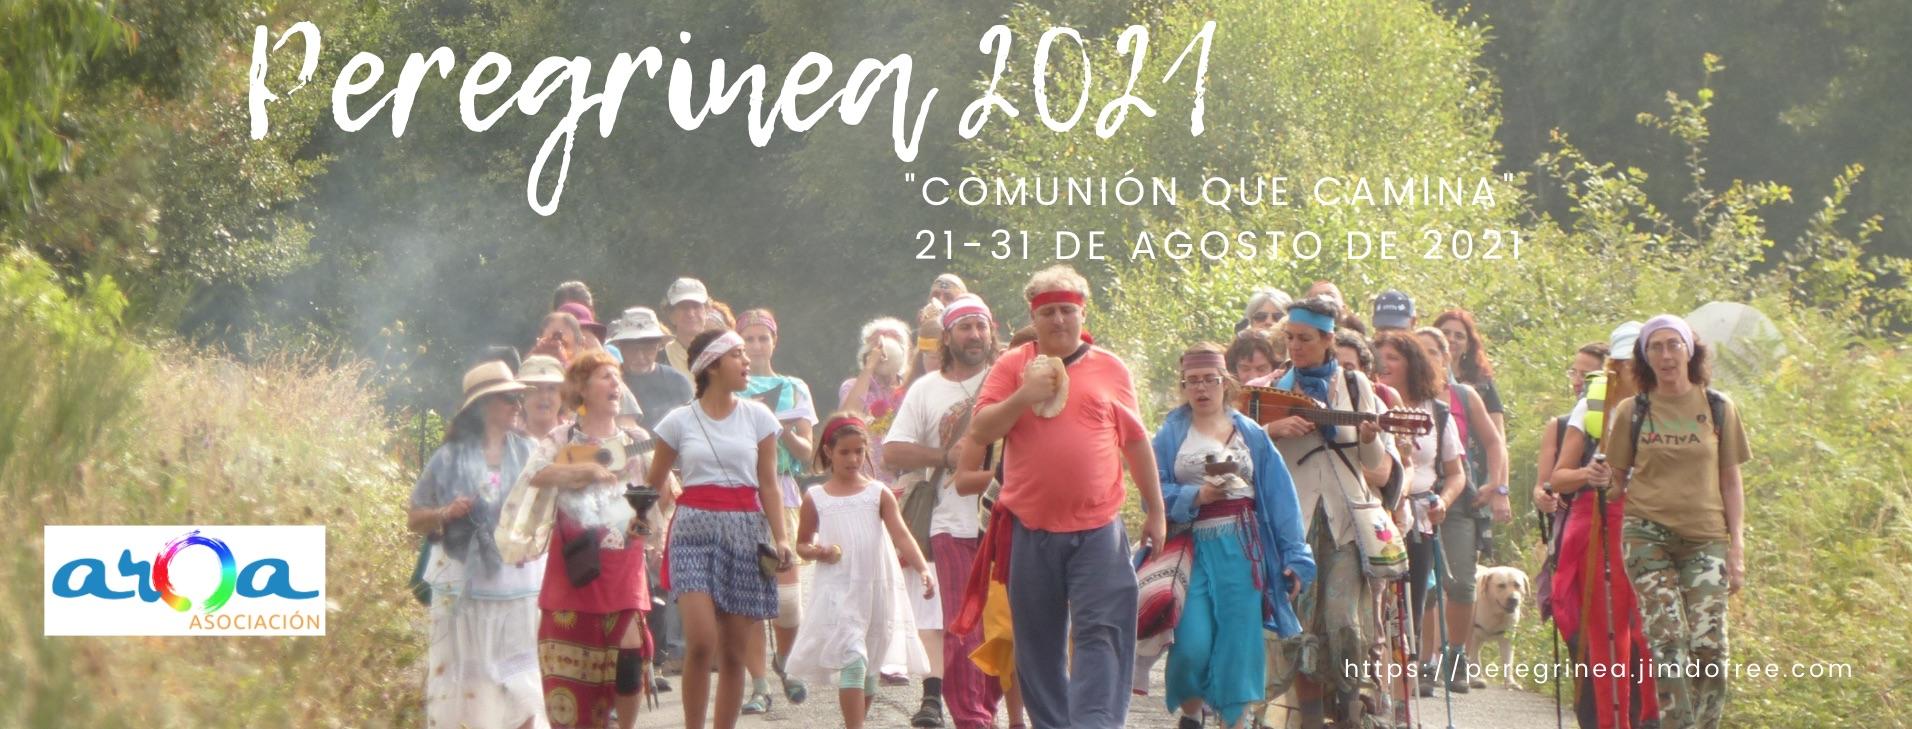 Calendario Aroa 2021